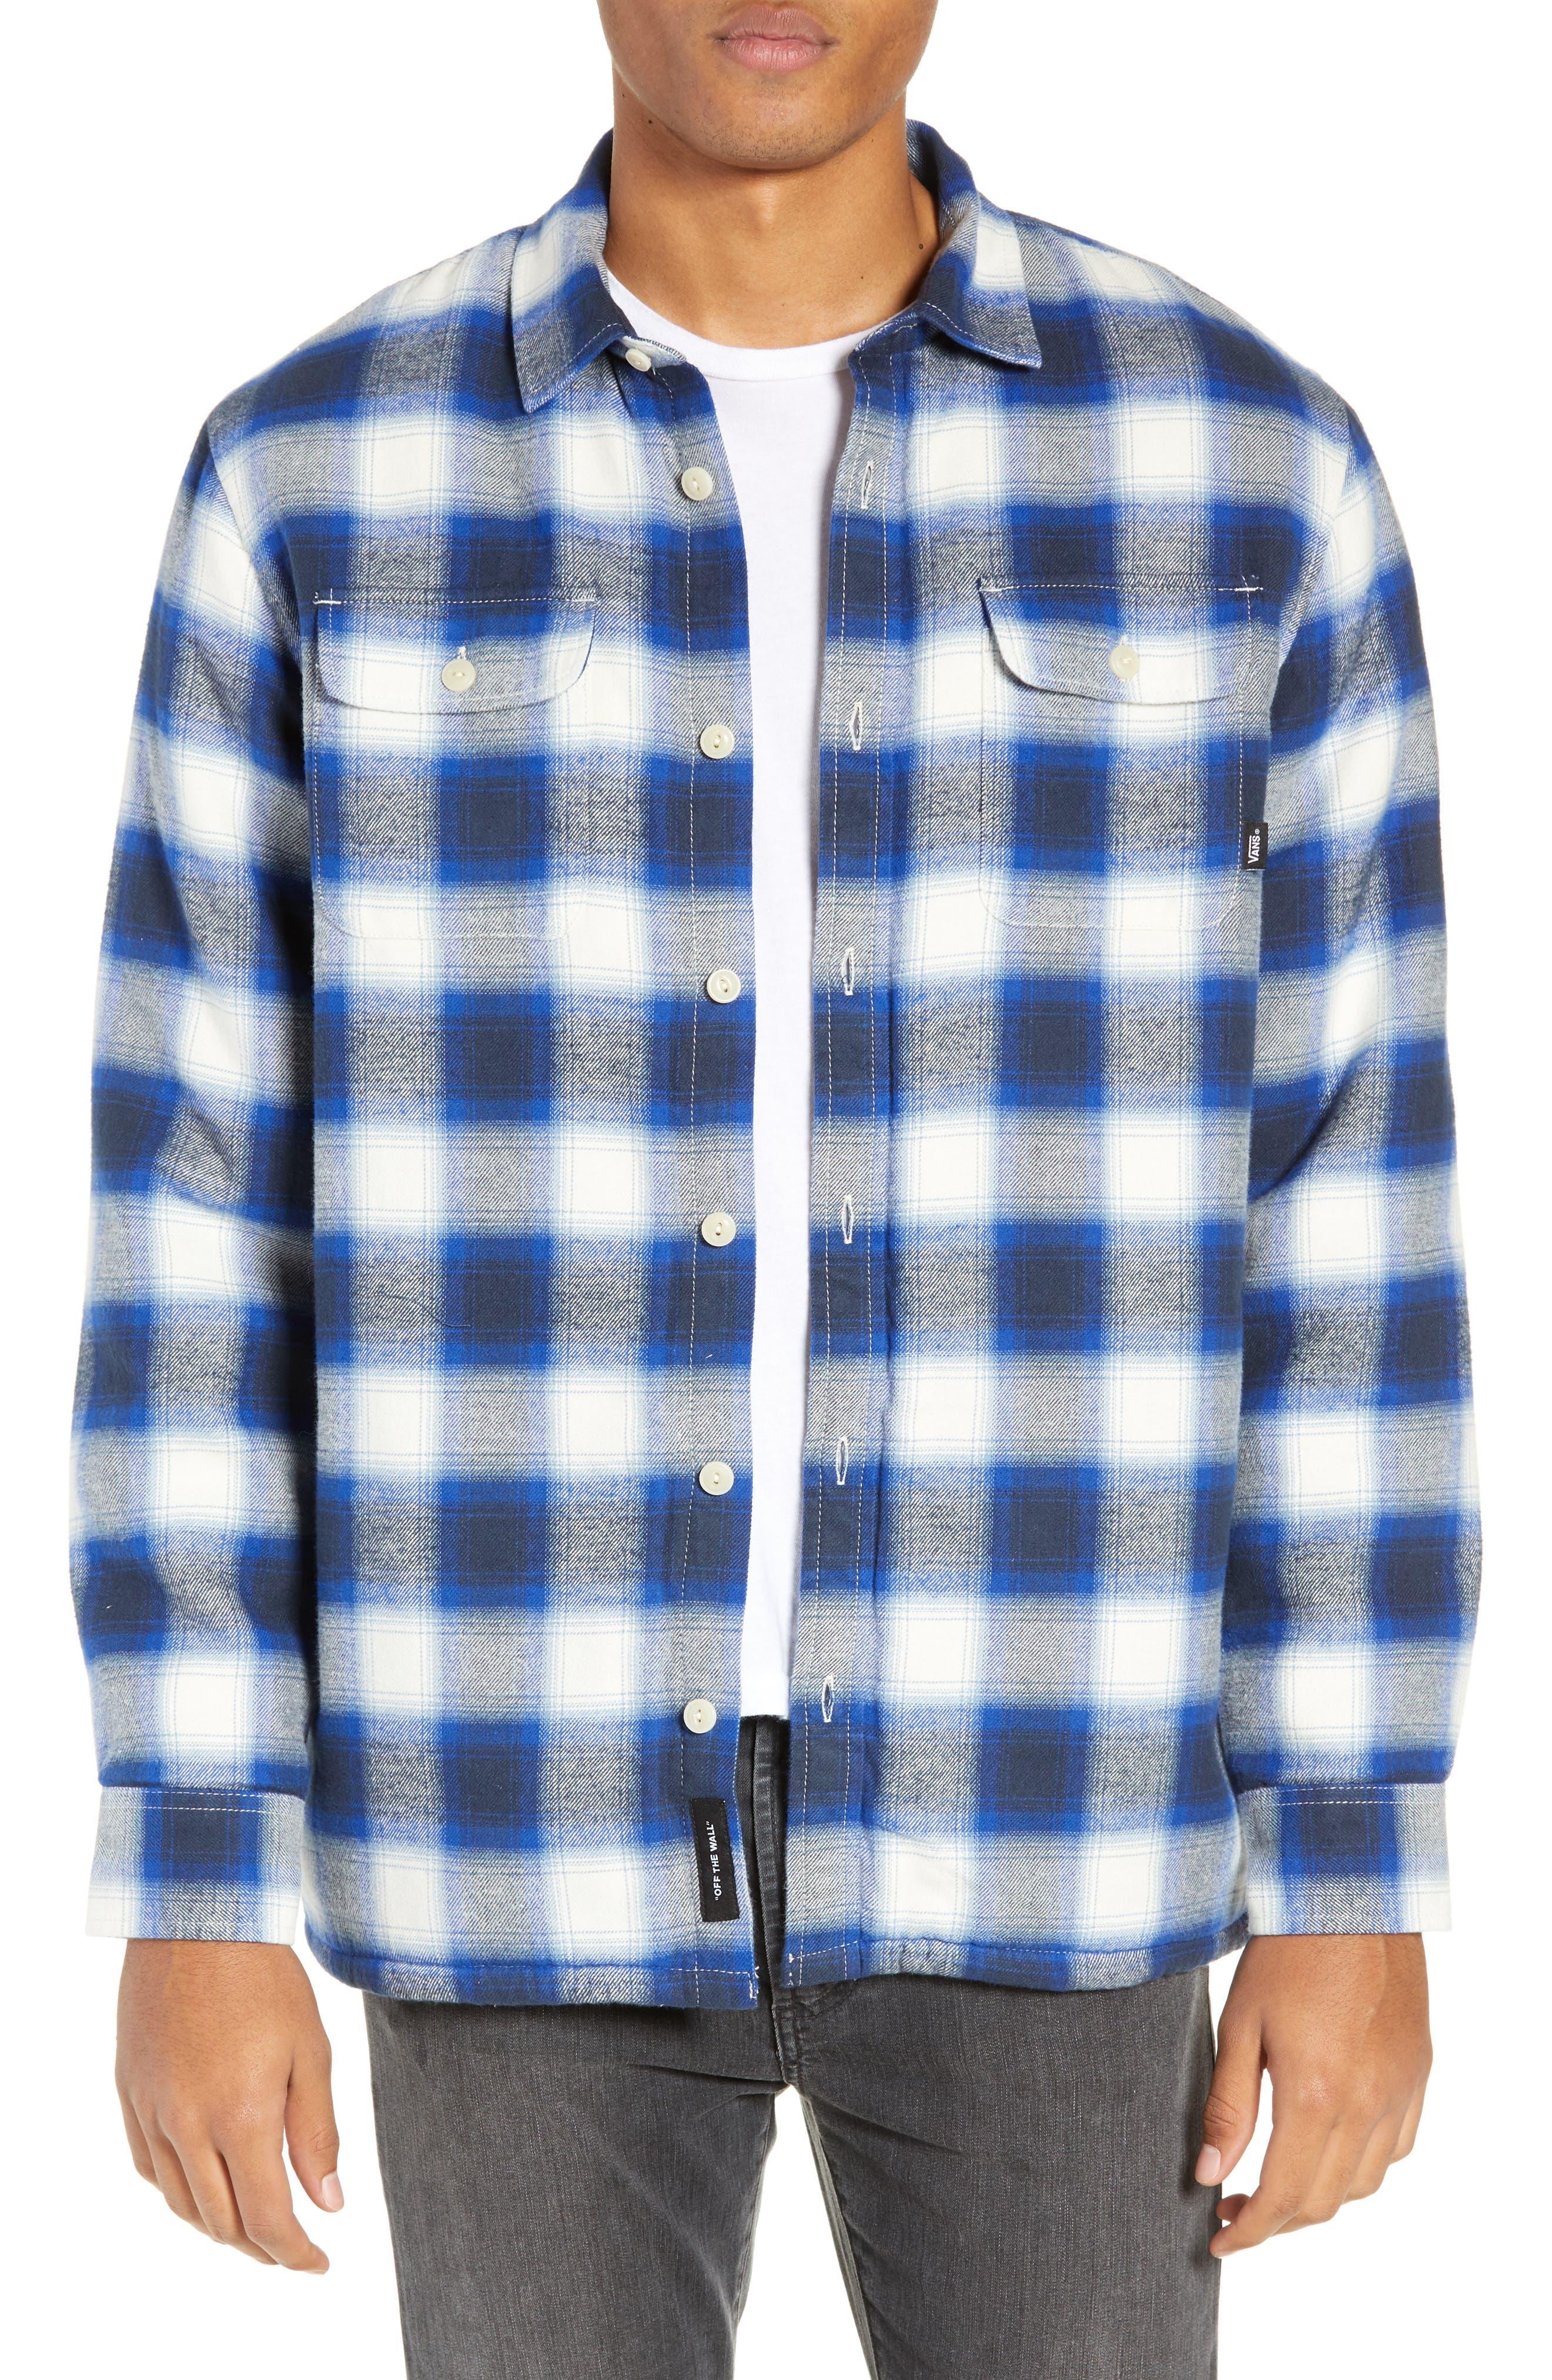 Vans Loomis Plaid Fleece Lined Shirt Jacket, Ivory